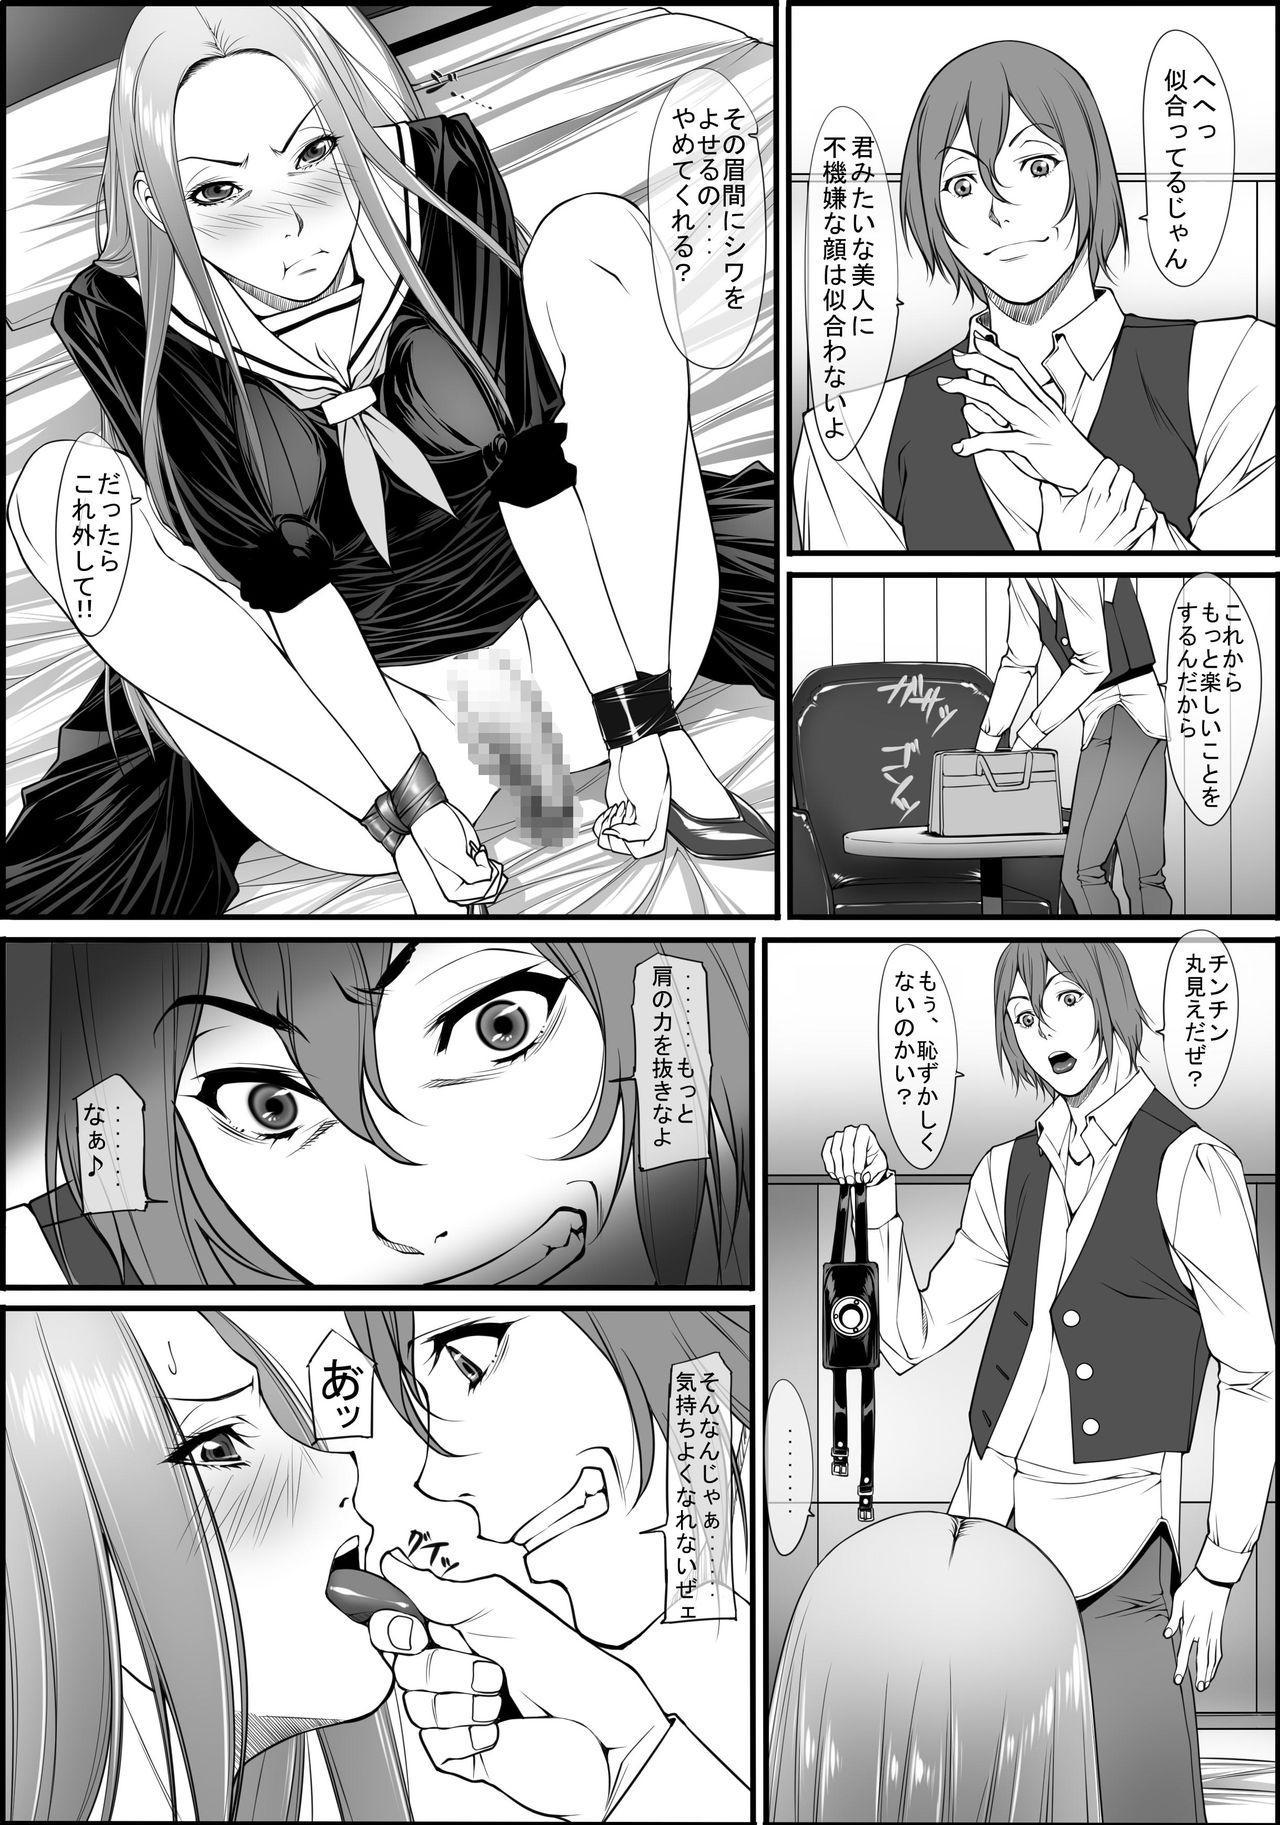 Jochi Seikatsu 11